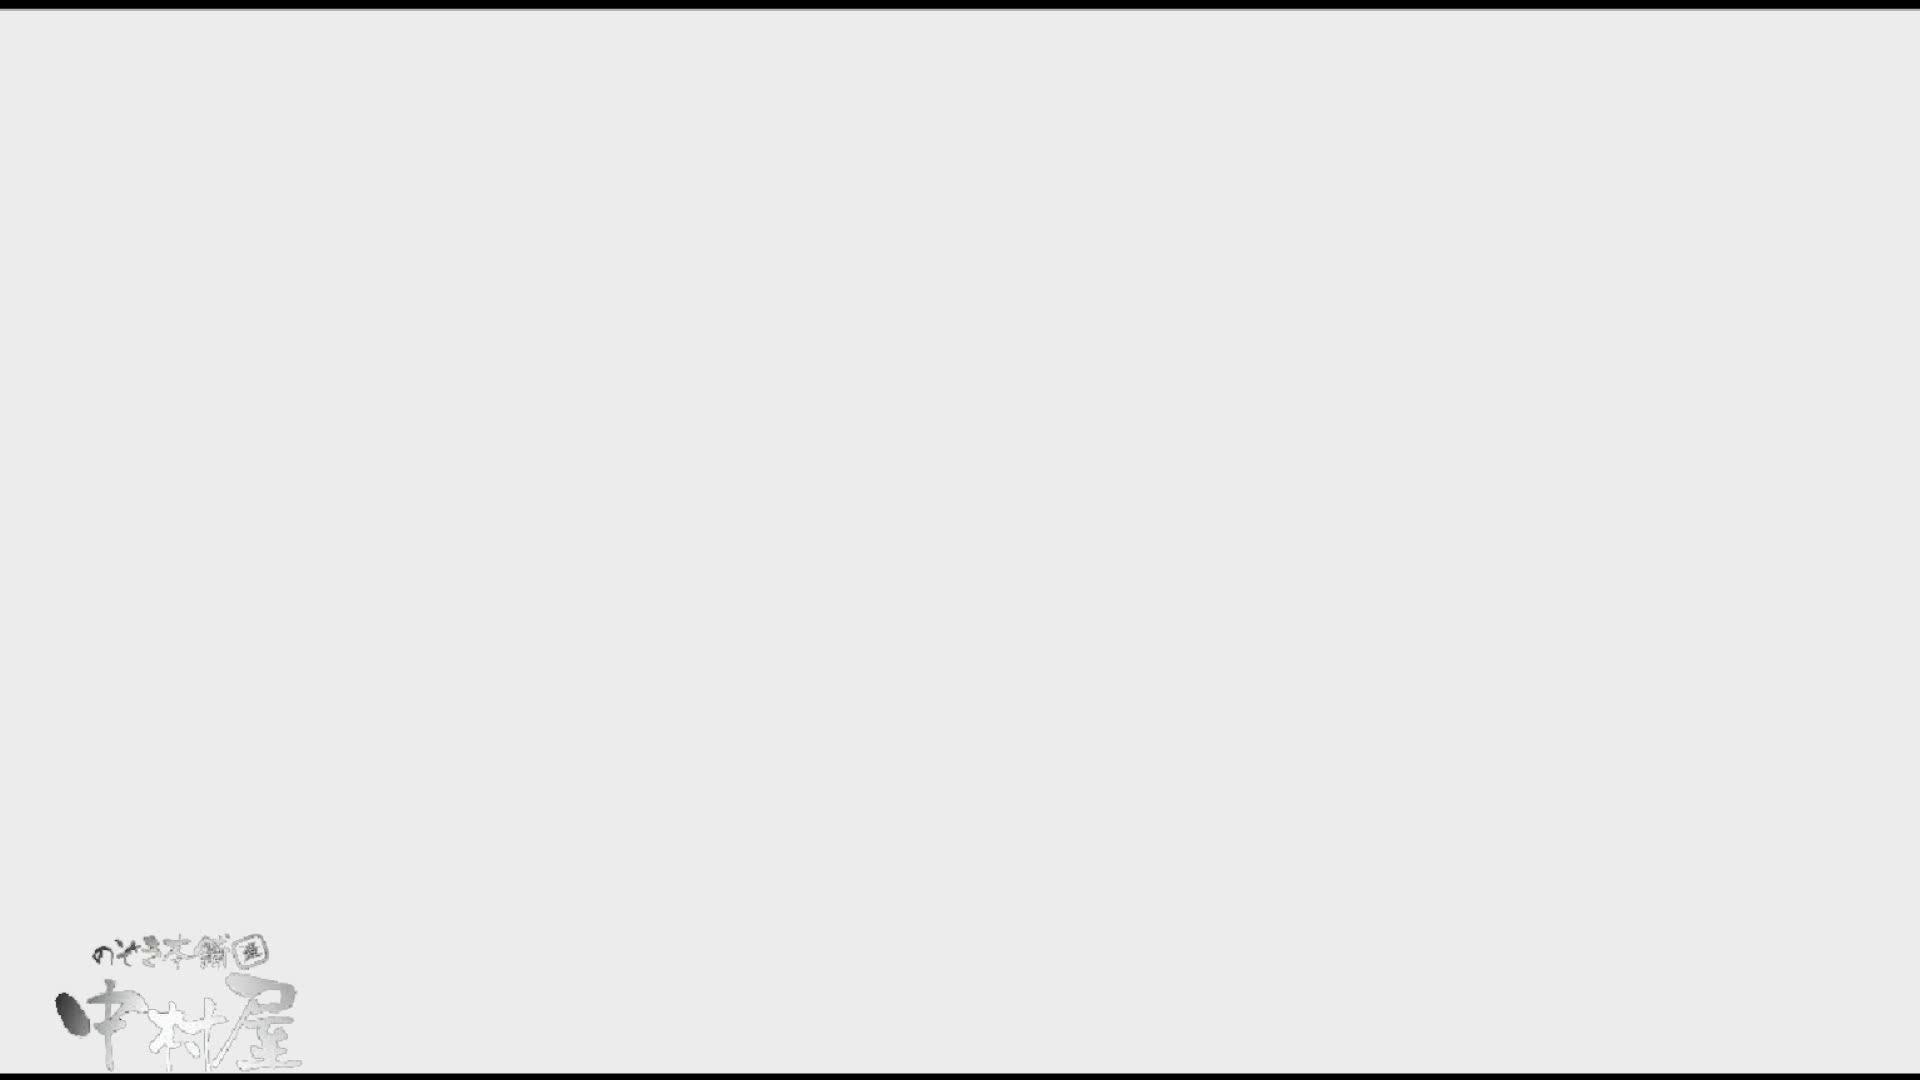 飛び出す黄金水!!!アトレ潜入 かわや盗撮 vol.03 黄金水  100PIX 4